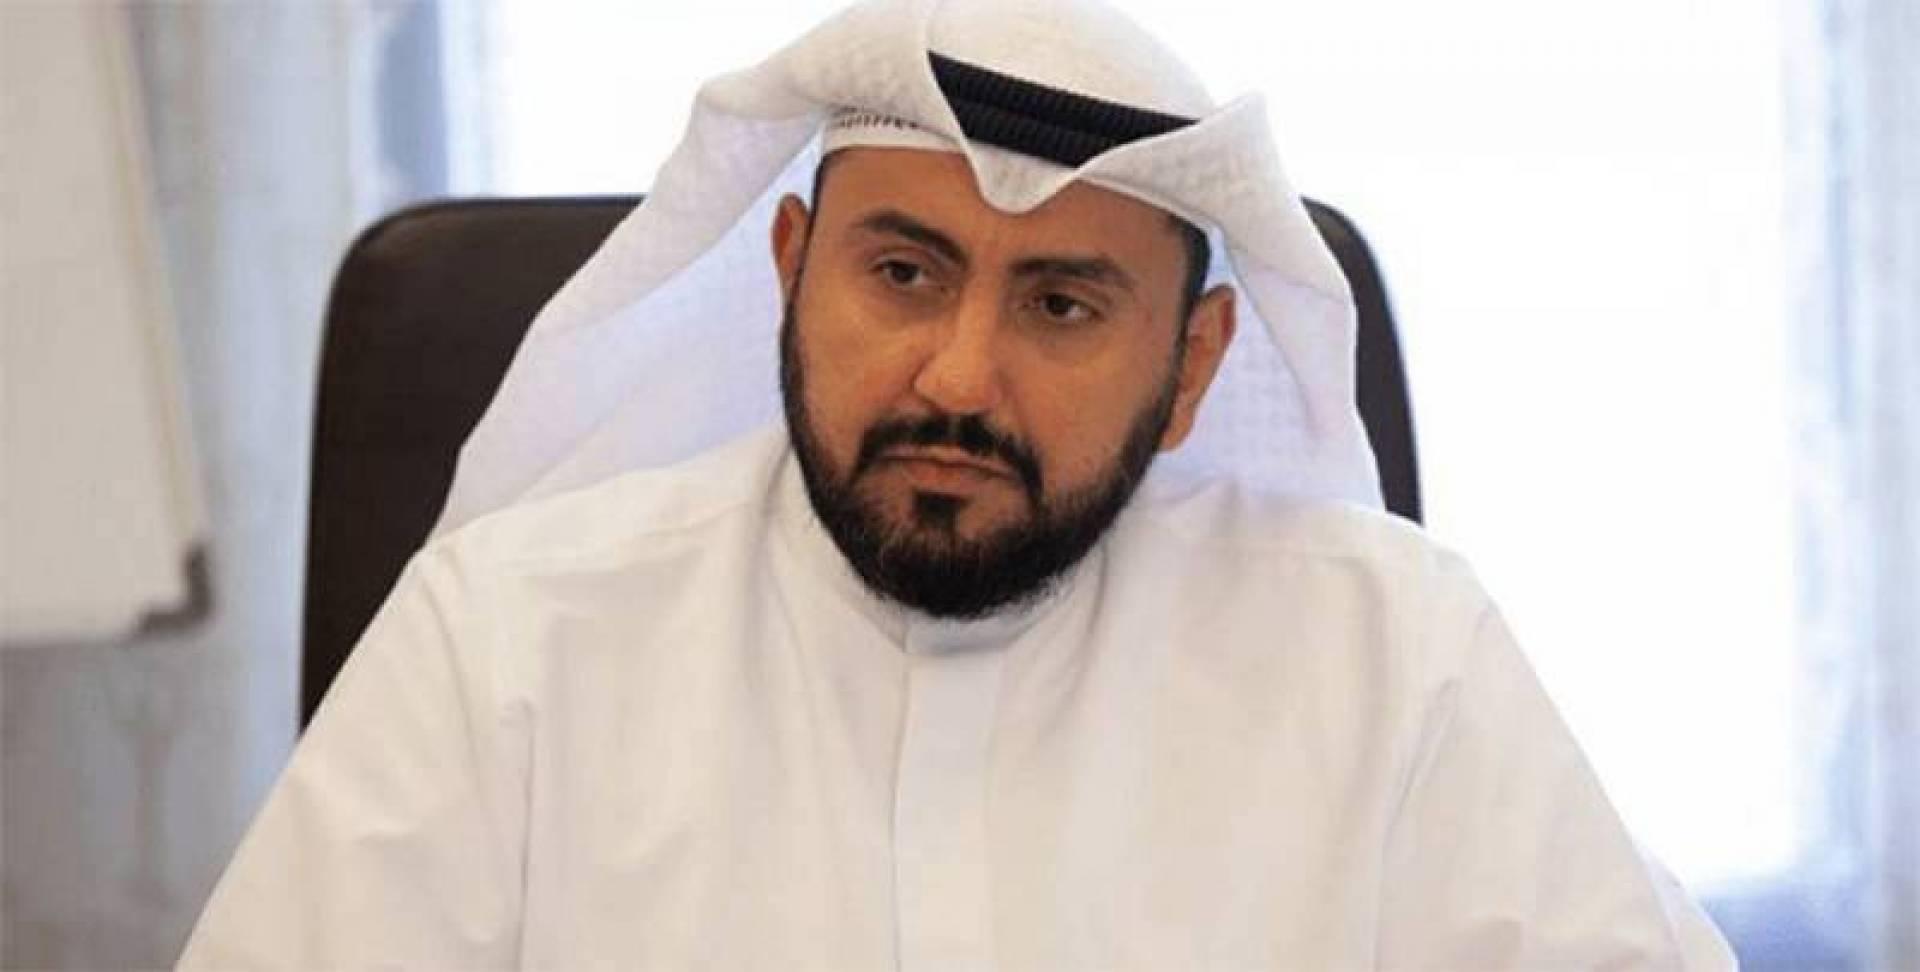 وزير الصحة: الحاجة ماسة لتغليظ العقوبات في «السارية»